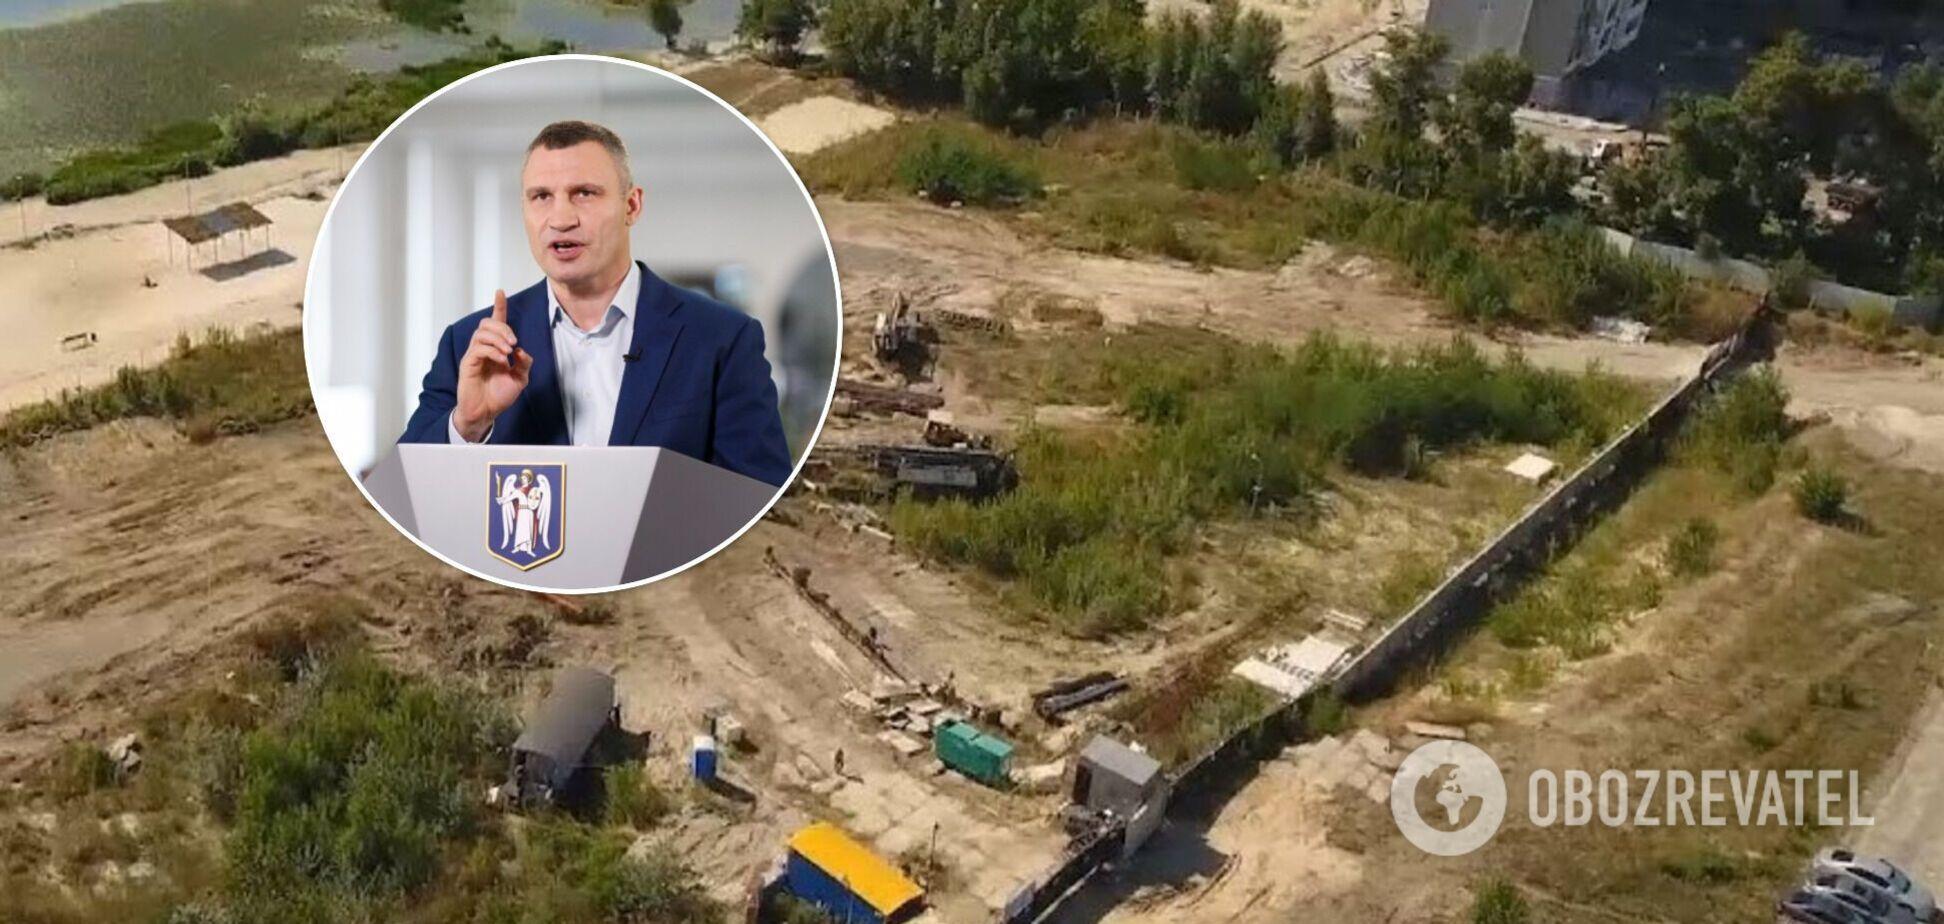 Городская власть не давала разрешения на строительство в Никольской Слободке, действия застройщика незаконны – Кличко